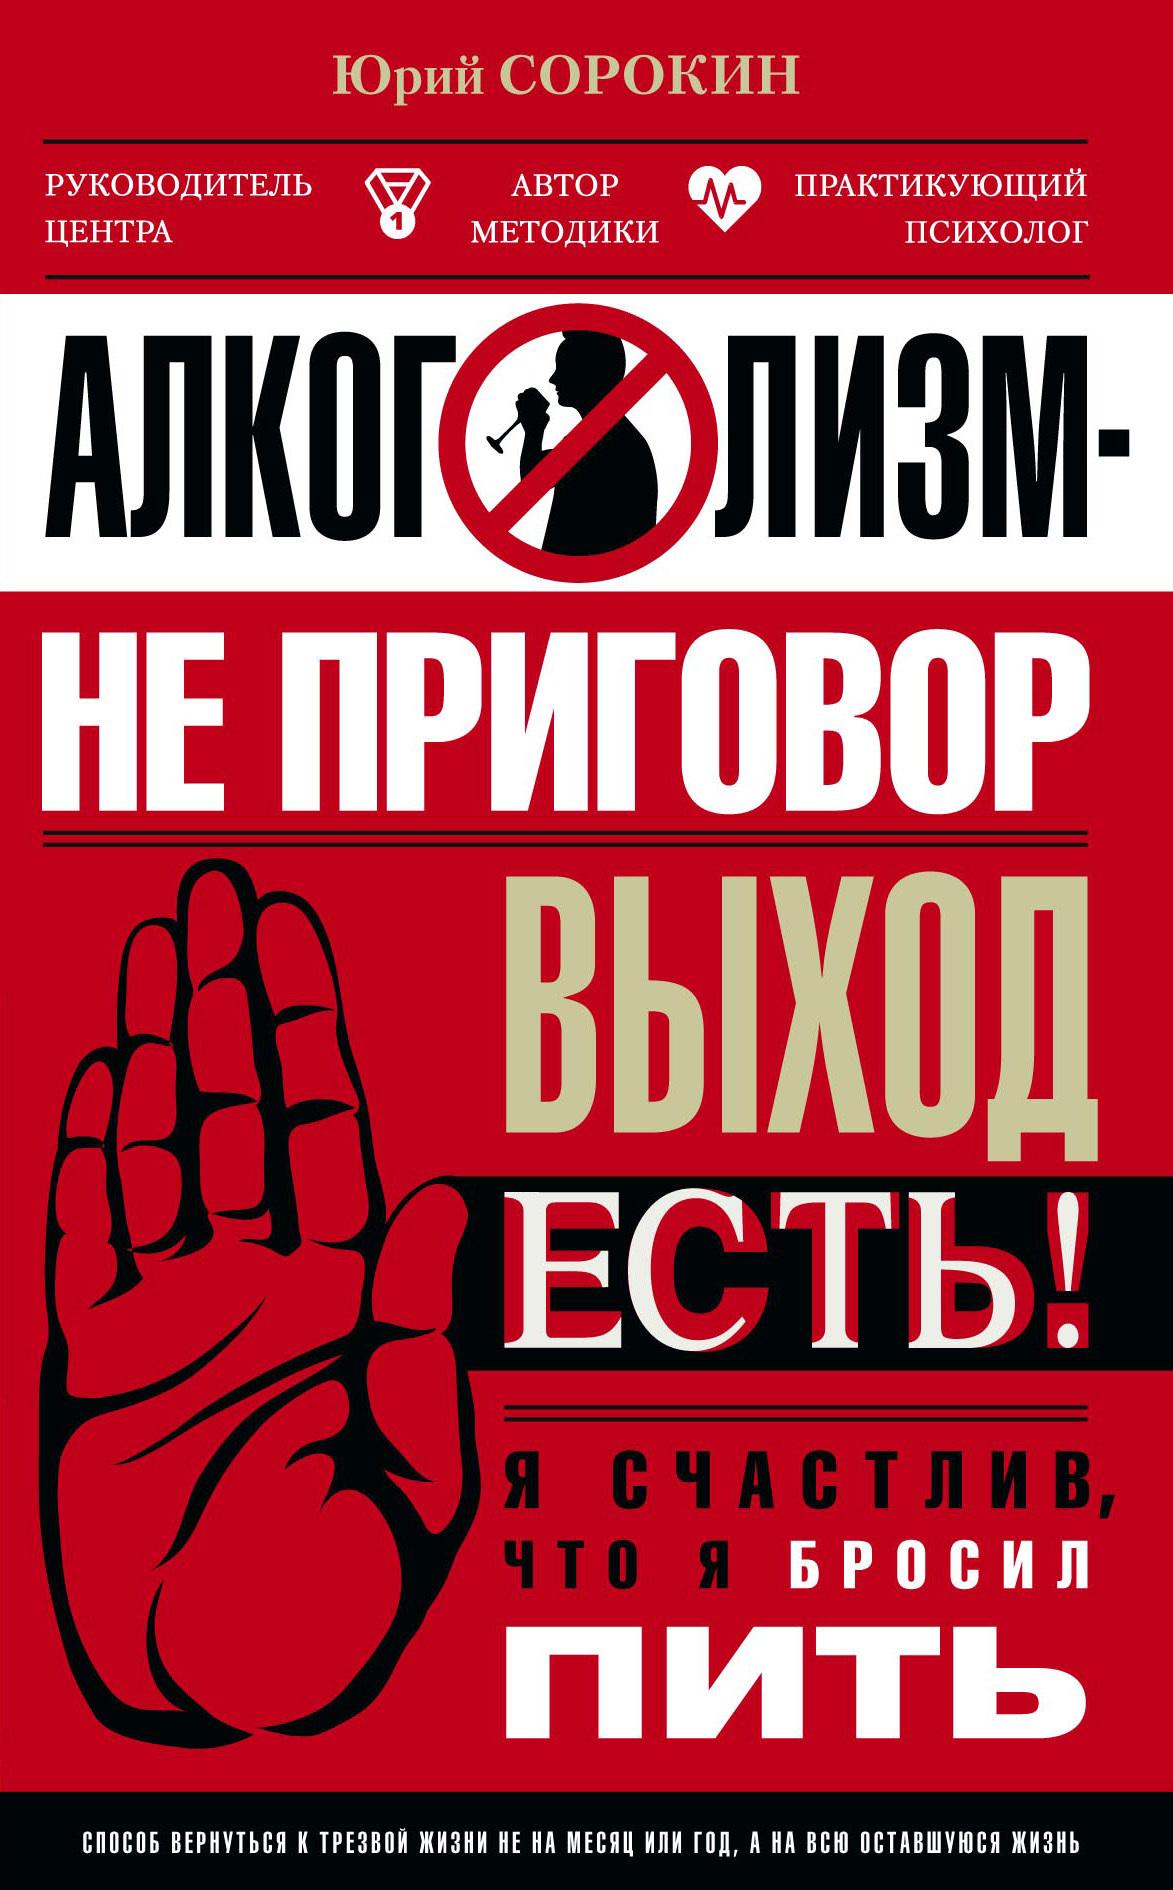 Юрий Сорокин «Алкоголизм – не приговор. Выход есть. Я счастлив, что я бросил пить»